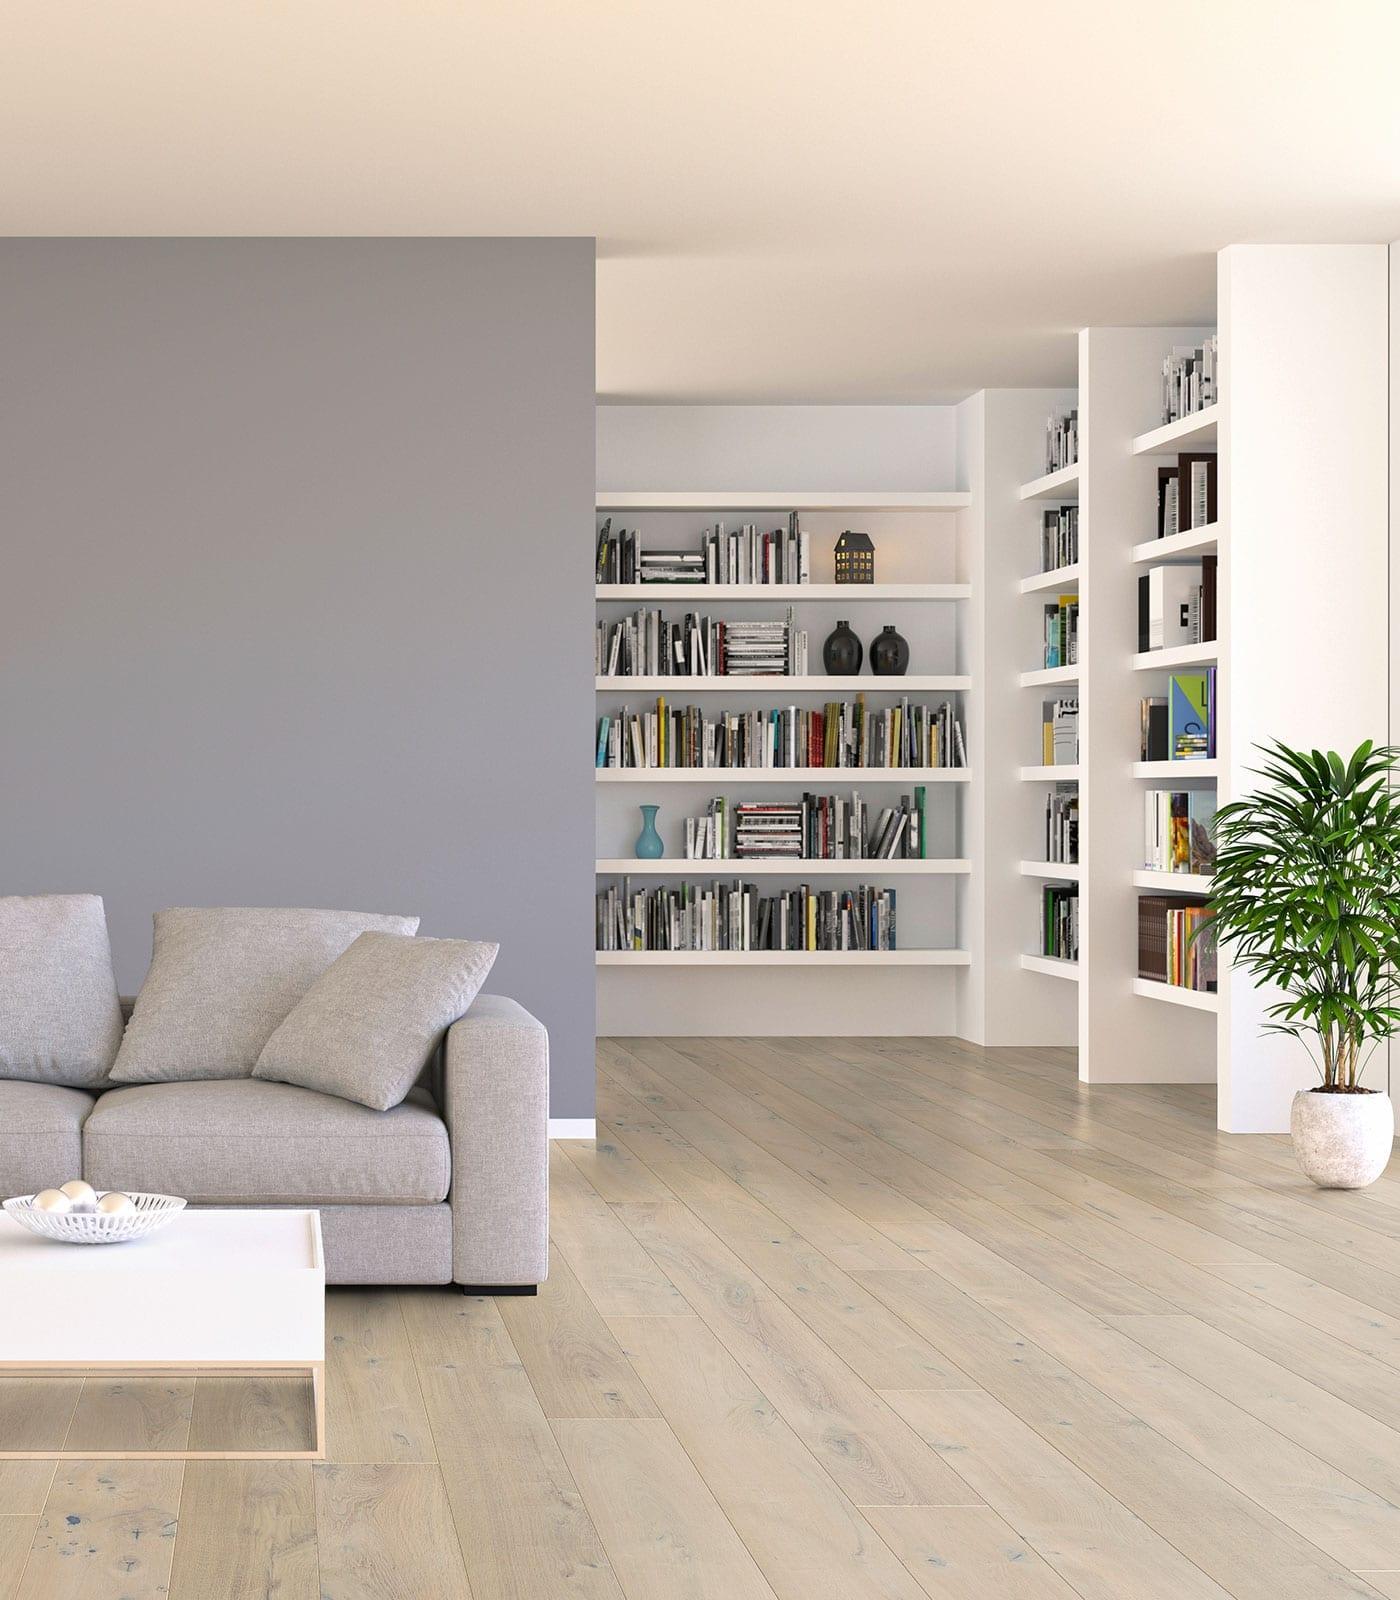 Oahu-European Oak Floors-Lifestyle Collection-room